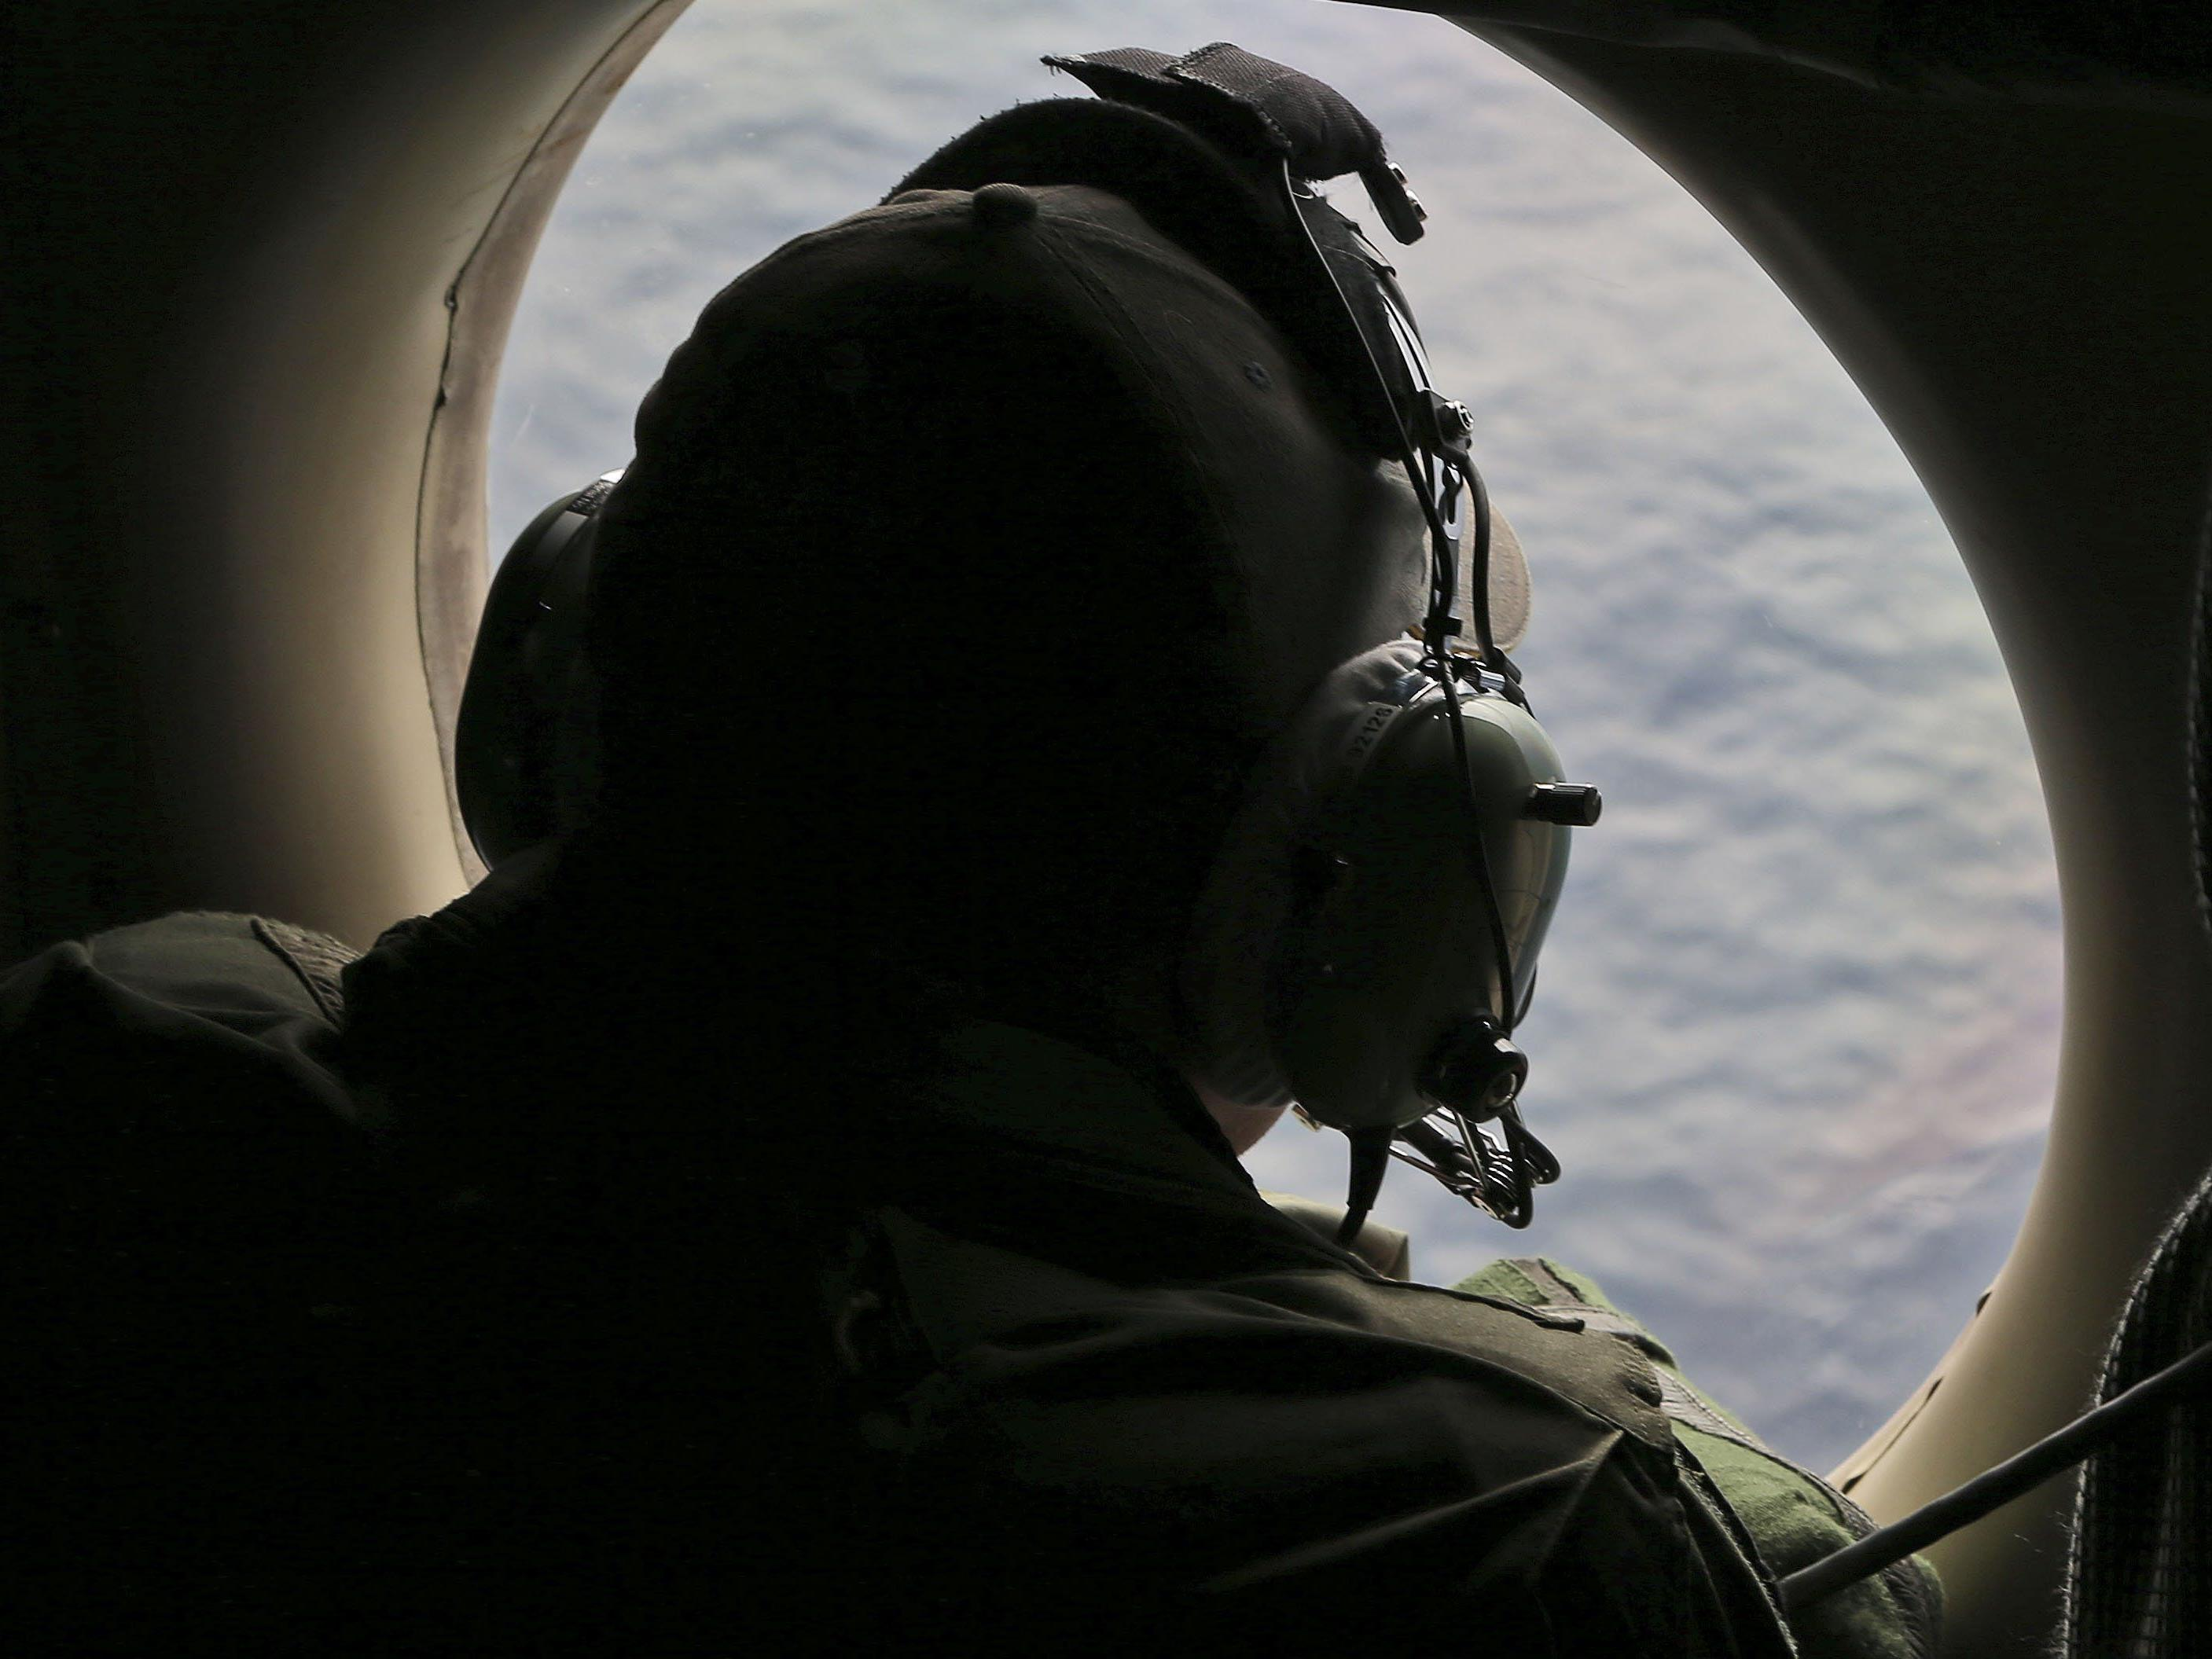 MH370 verschwand vor einem Jahr - was passierte, ist bis heute ungeklärt.